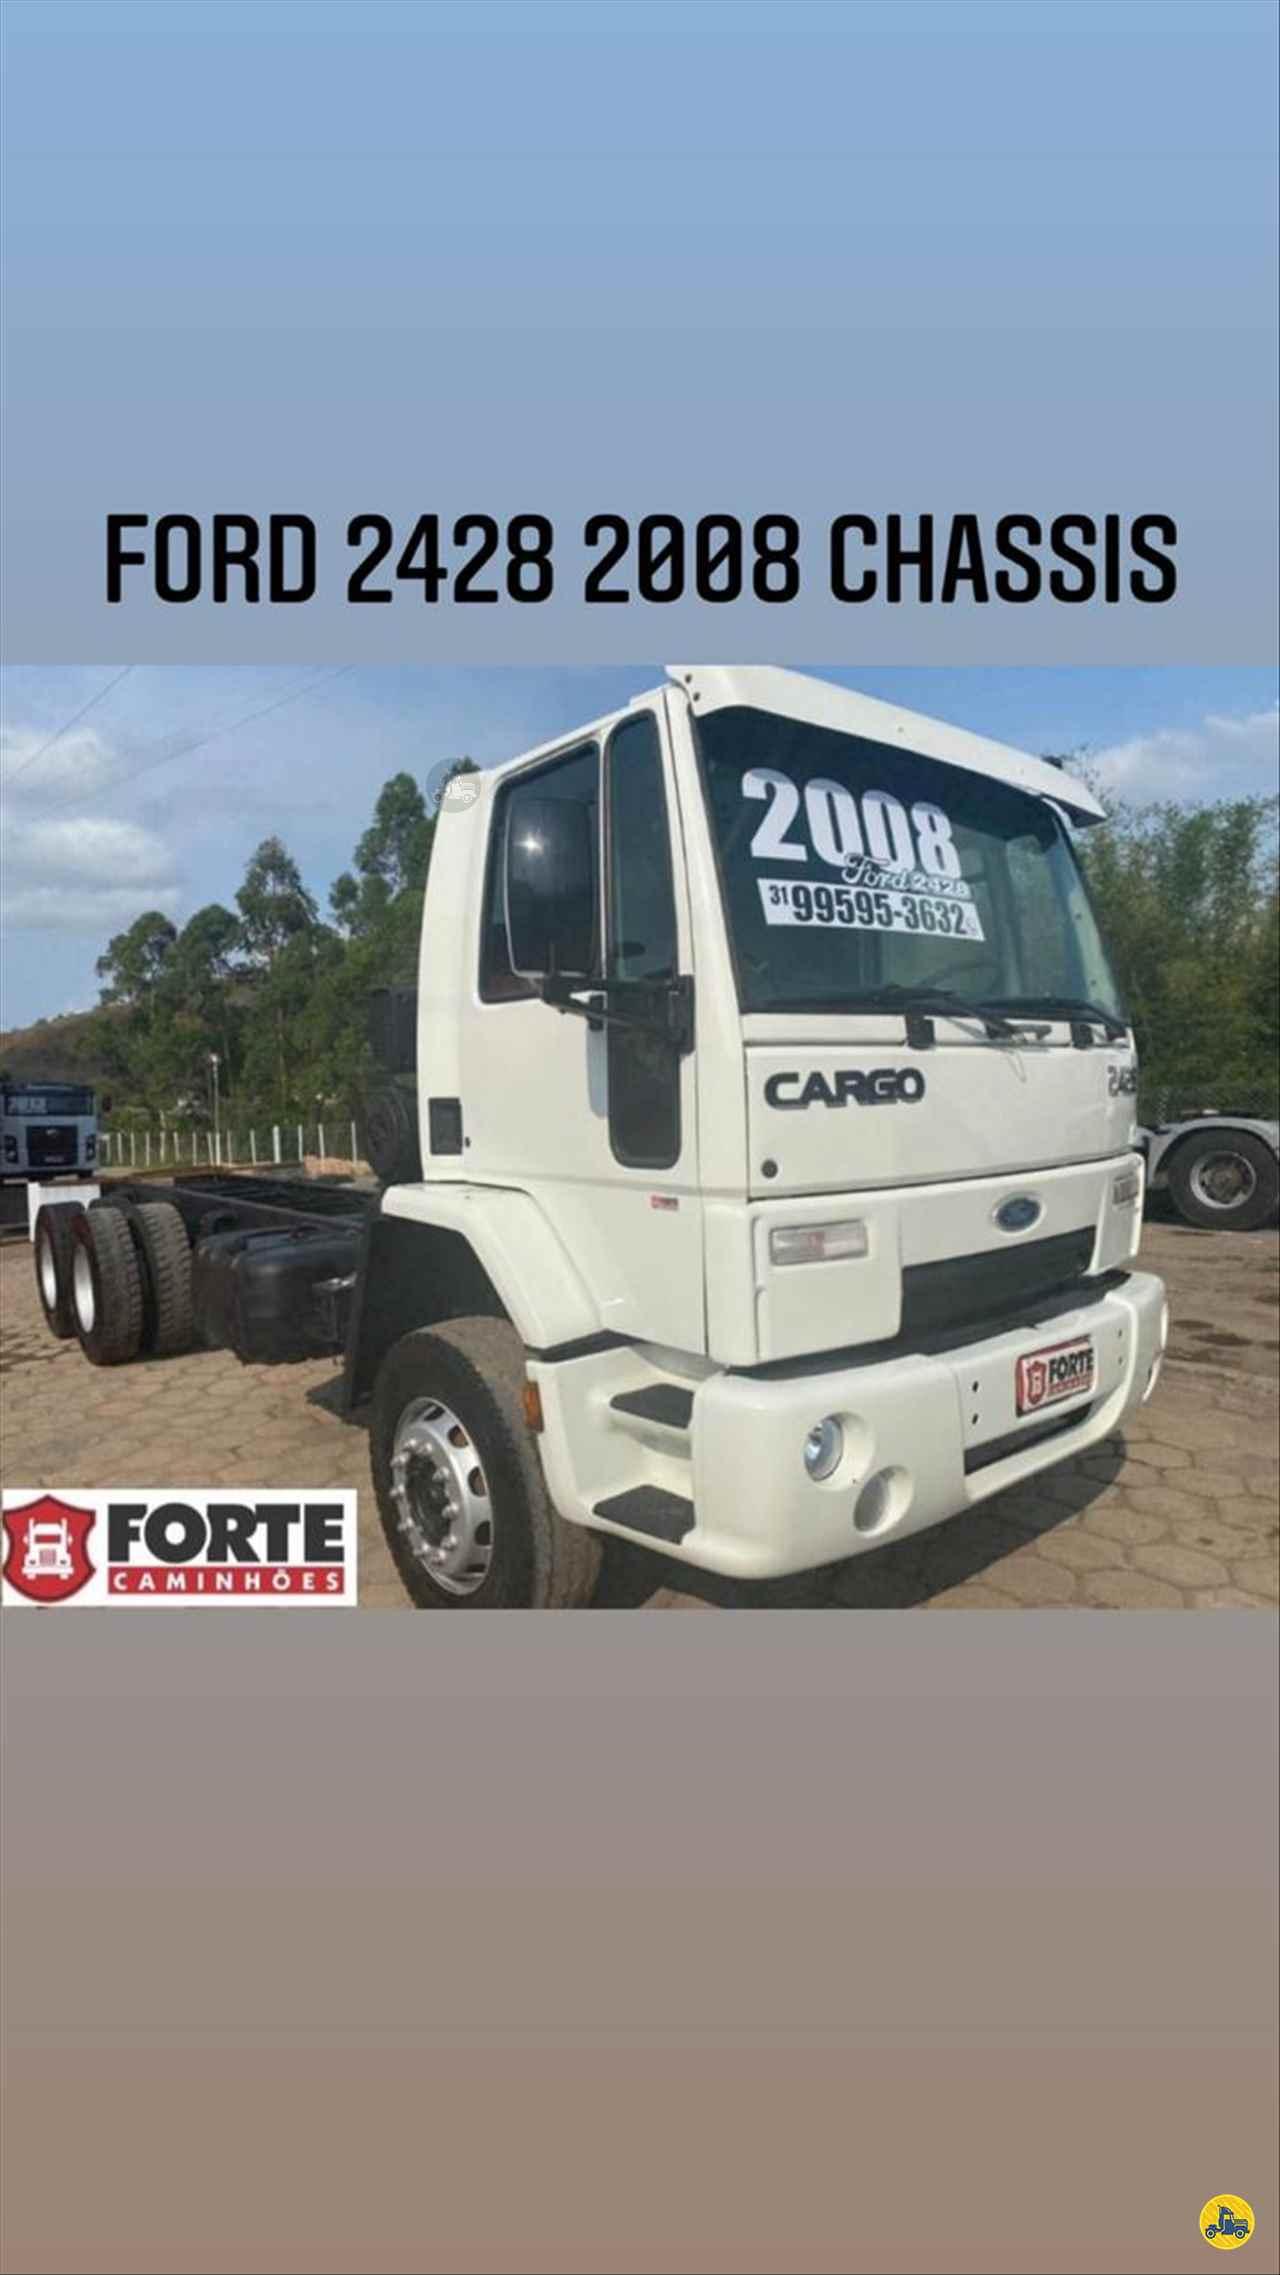 CARGO 2428 de Forte Caminhões MG - JOAO MONLEVADE/MG